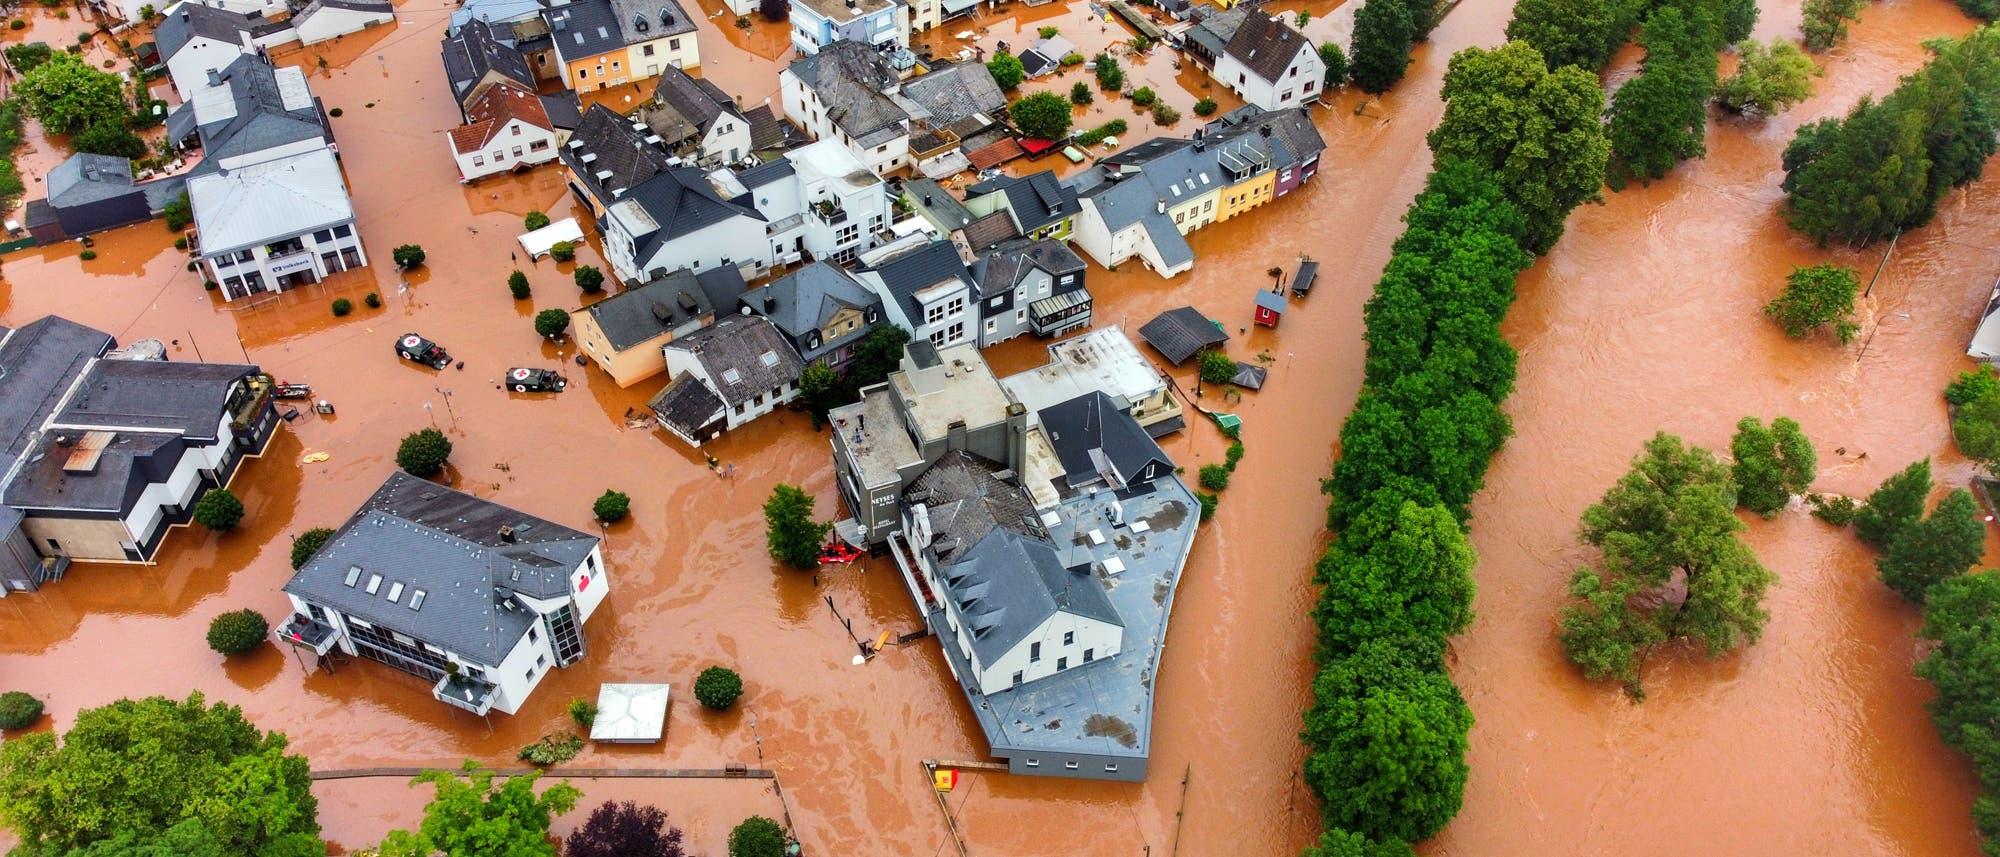 Luftbild eines ziemlich vollständig gefluteten Ortes. Ich weiß leider nicht, welcher es ist, weil das beim Agenturbild nicht dabei stand. Aber der Fluss heißt Kyll.